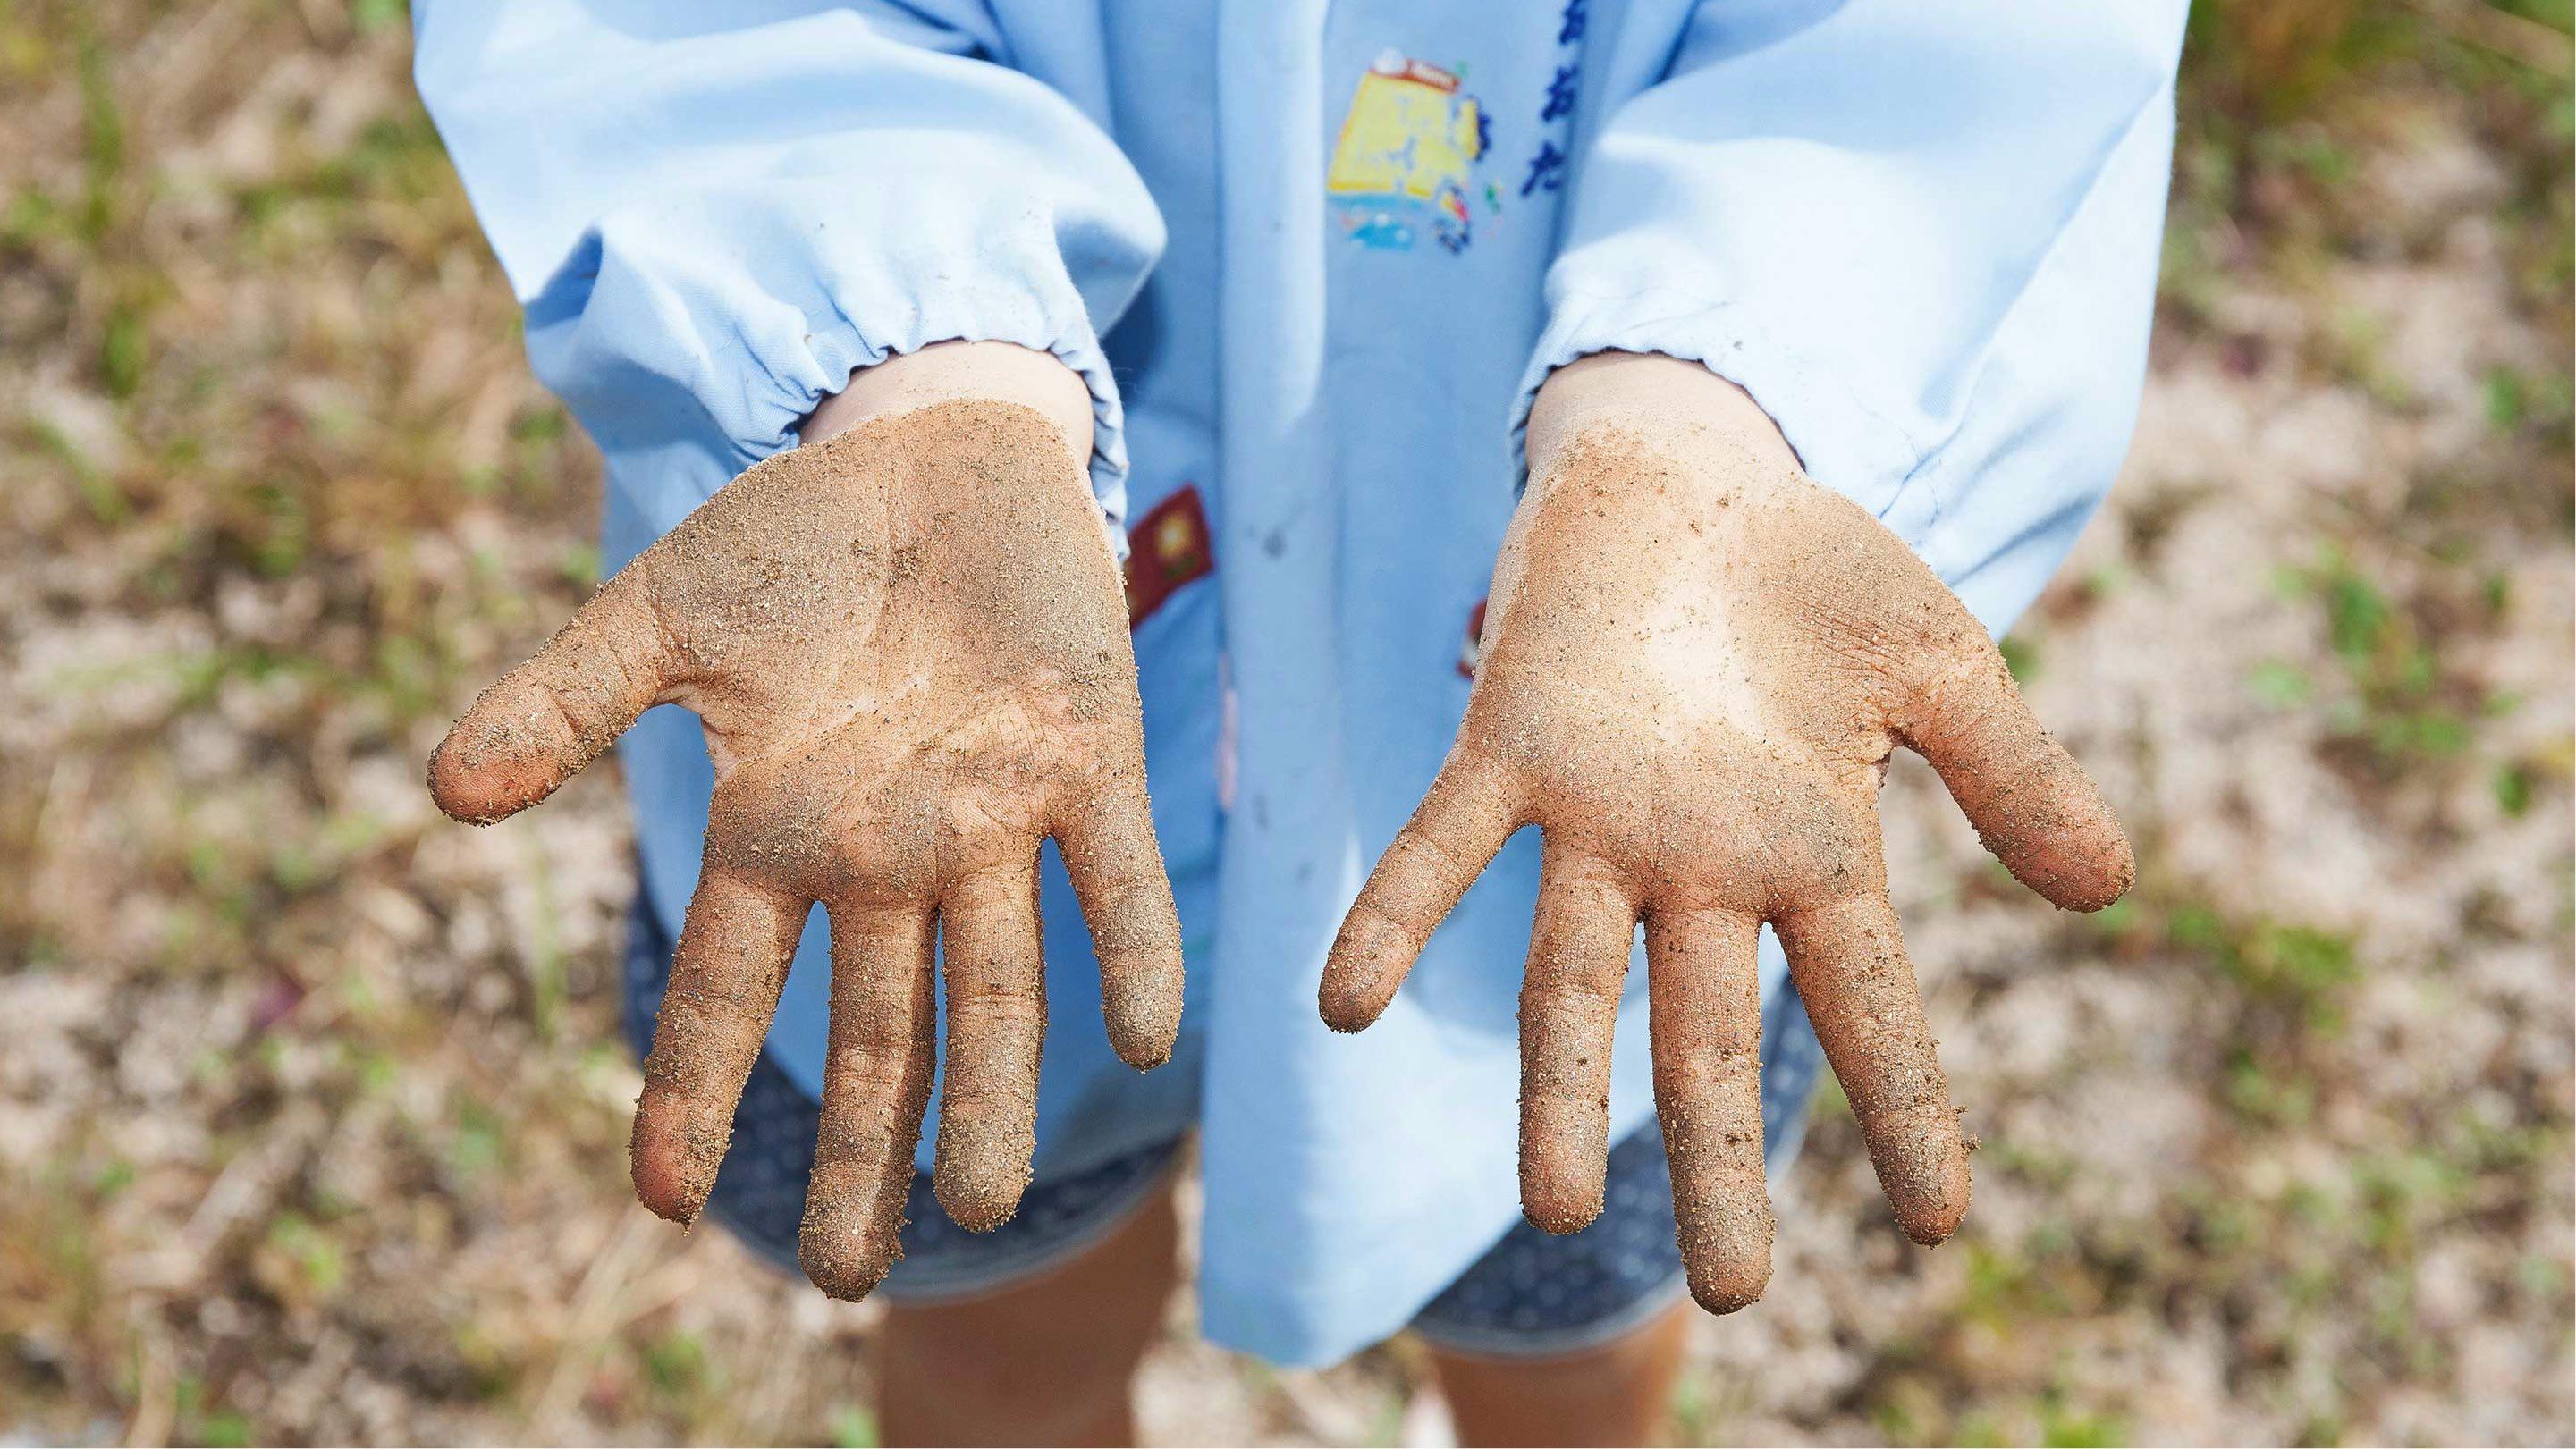 子どもたちの手を清潔なものに。「やさしさ」を作れることに誇りを。